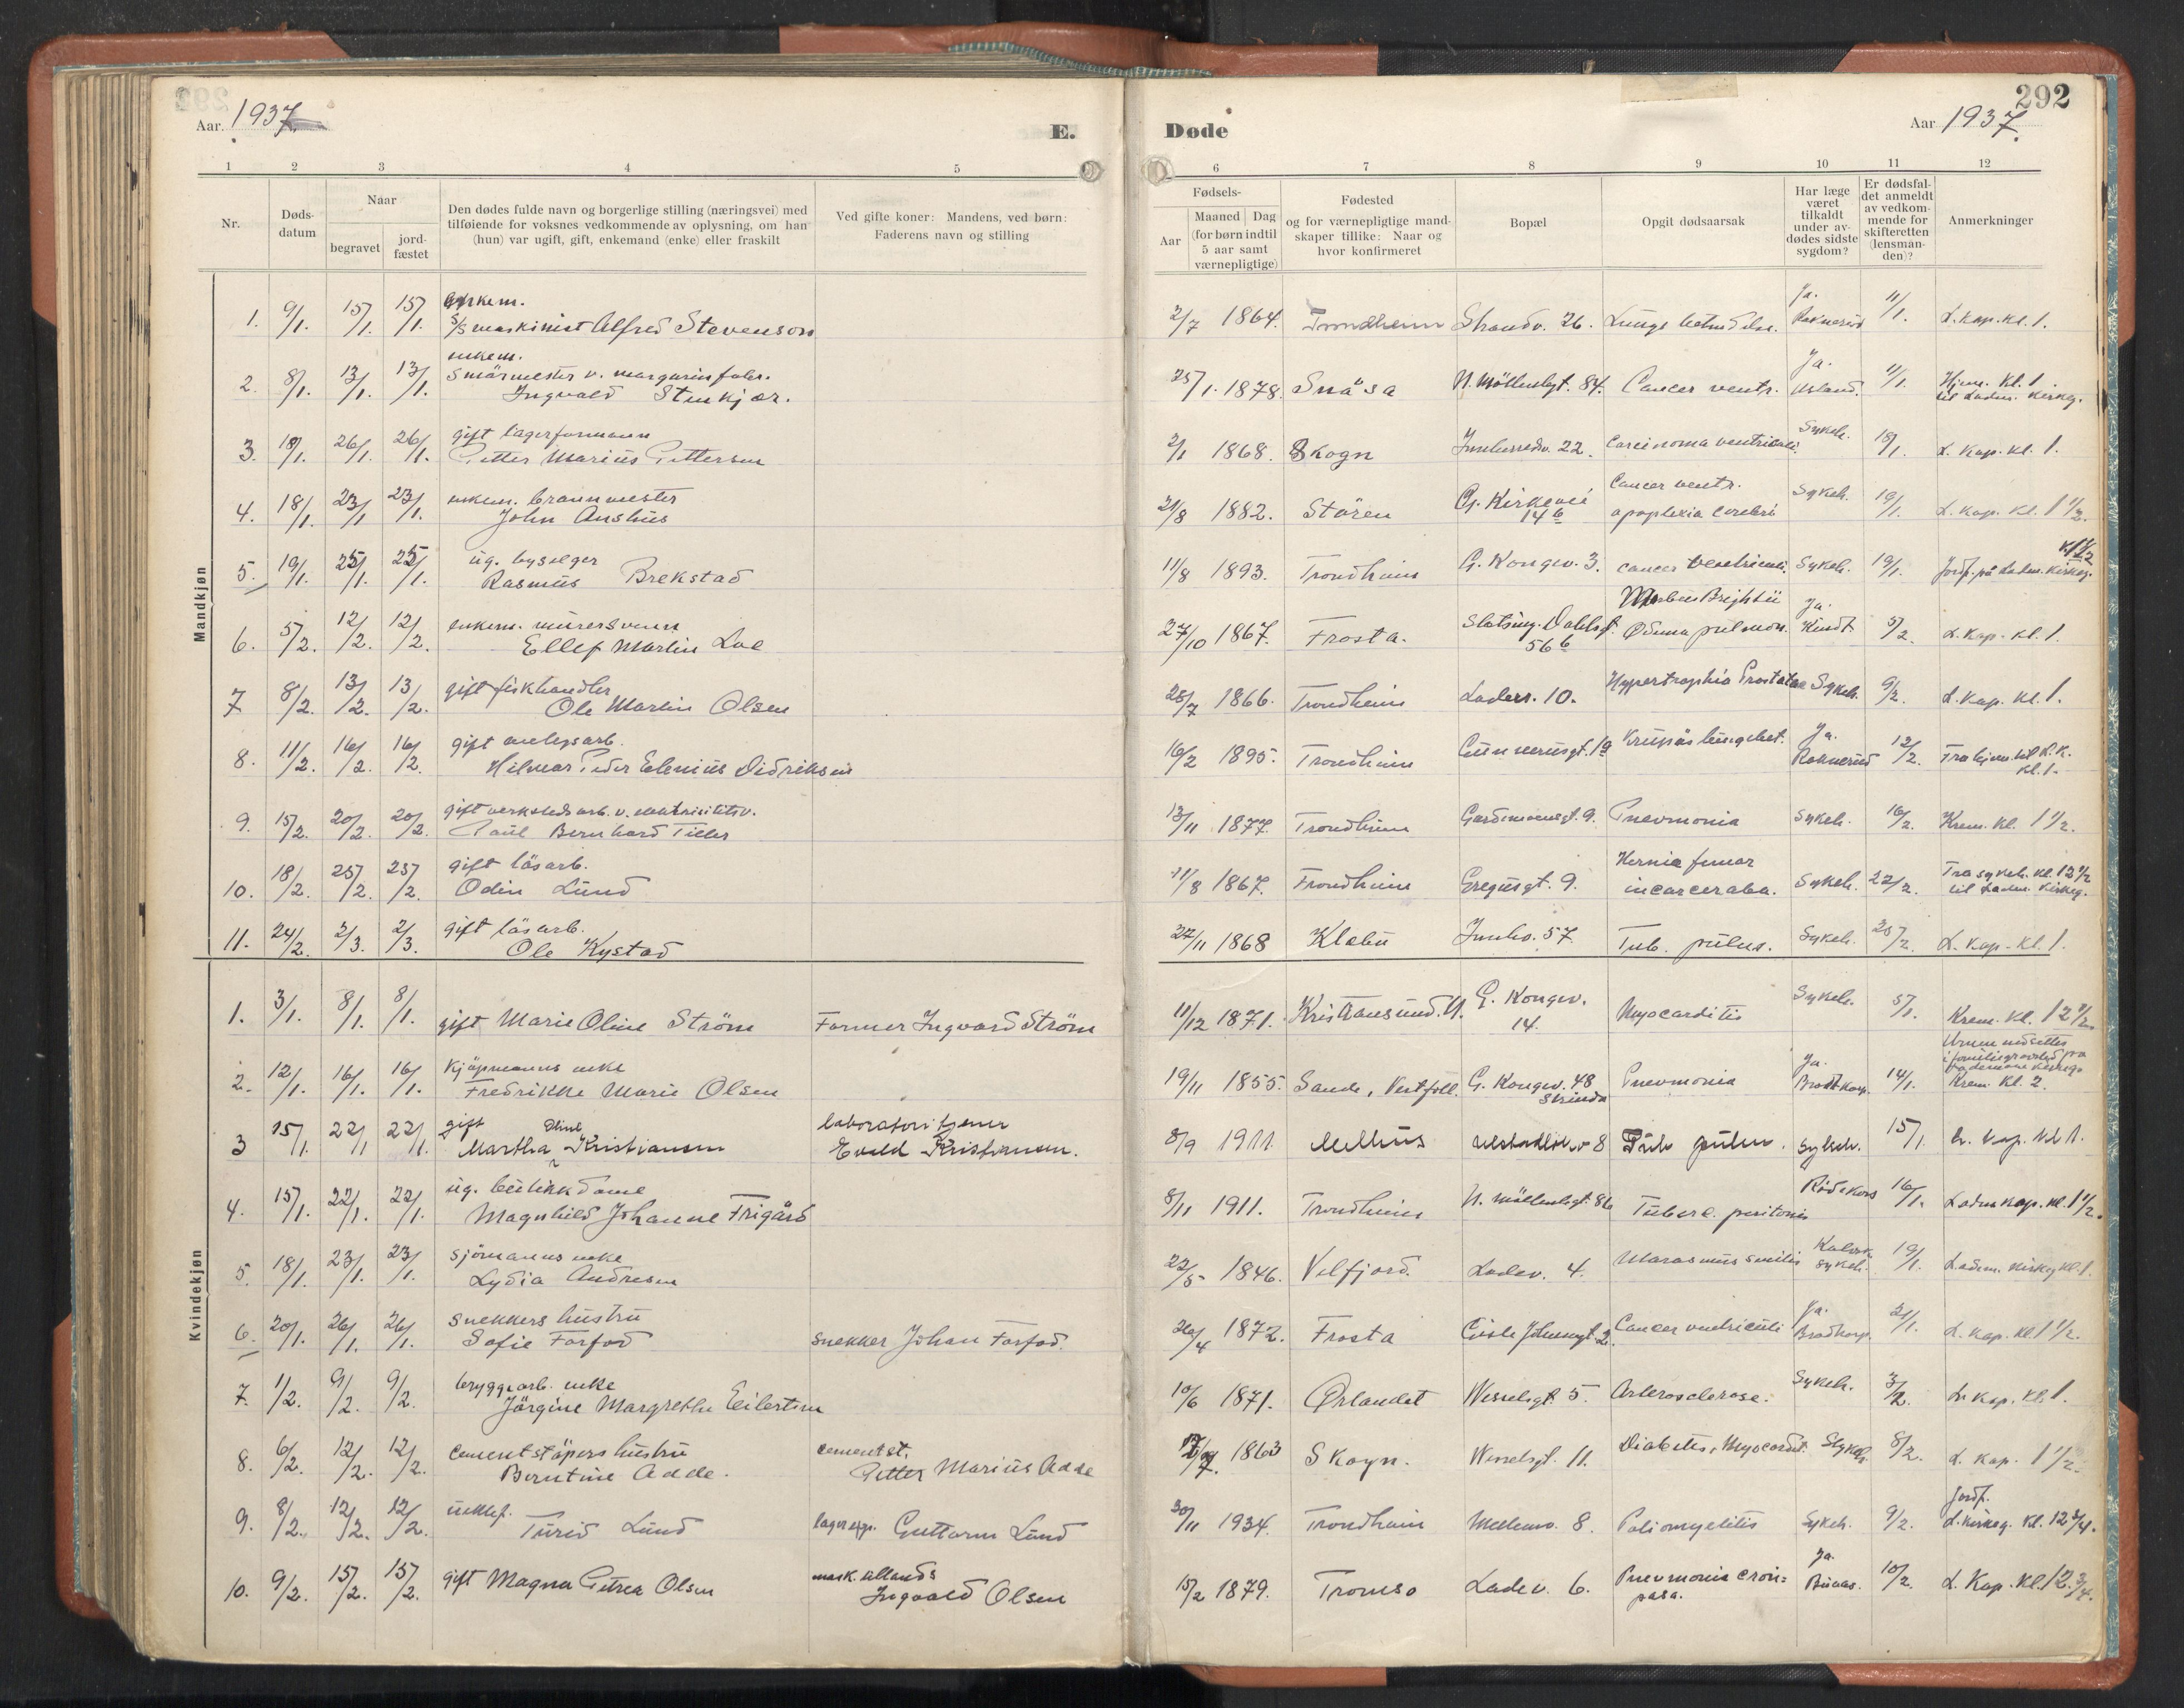 SAT, Ministerialprotokoller, klokkerbøker og fødselsregistre - Sør-Trøndelag, 605/L0245: Ministerialbok nr. 605A07, 1916-1938, s. 292